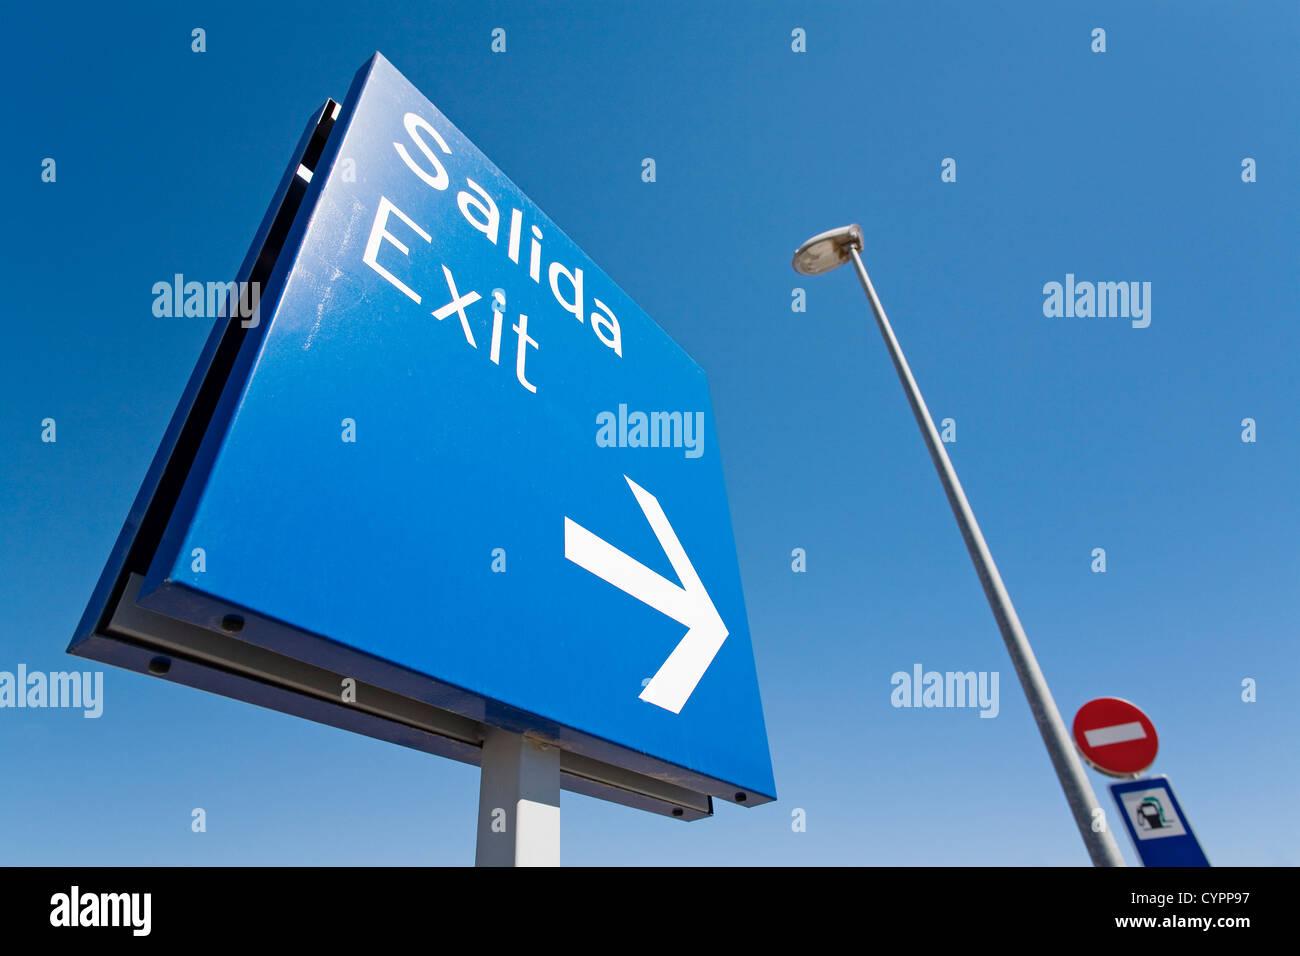 output signal at a shopping center señal de salida en un centro comercial - Stock Image